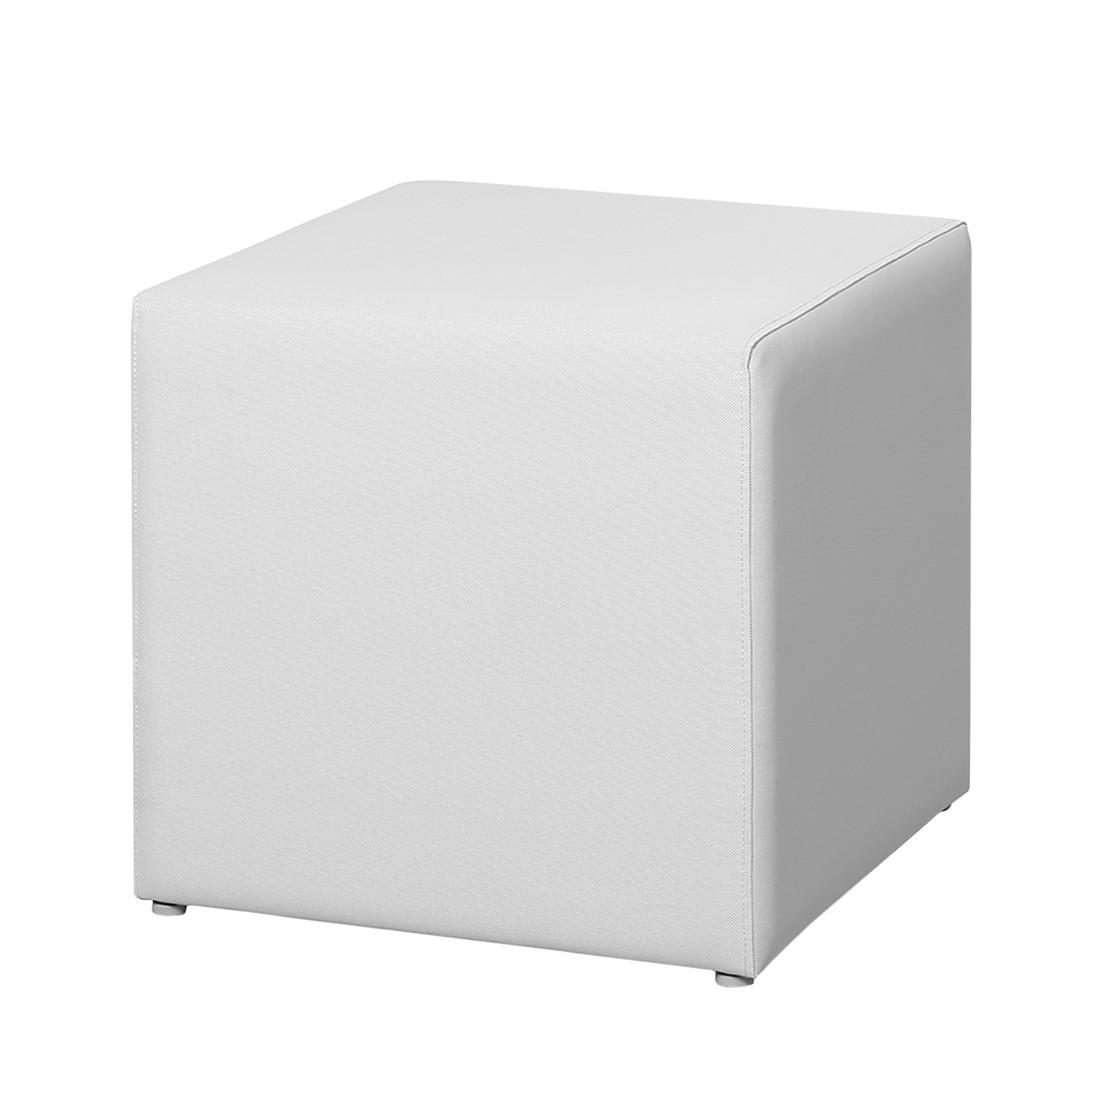 Home 24 - Tabouret kuba - ergotex blanc, best freizeitmöbel